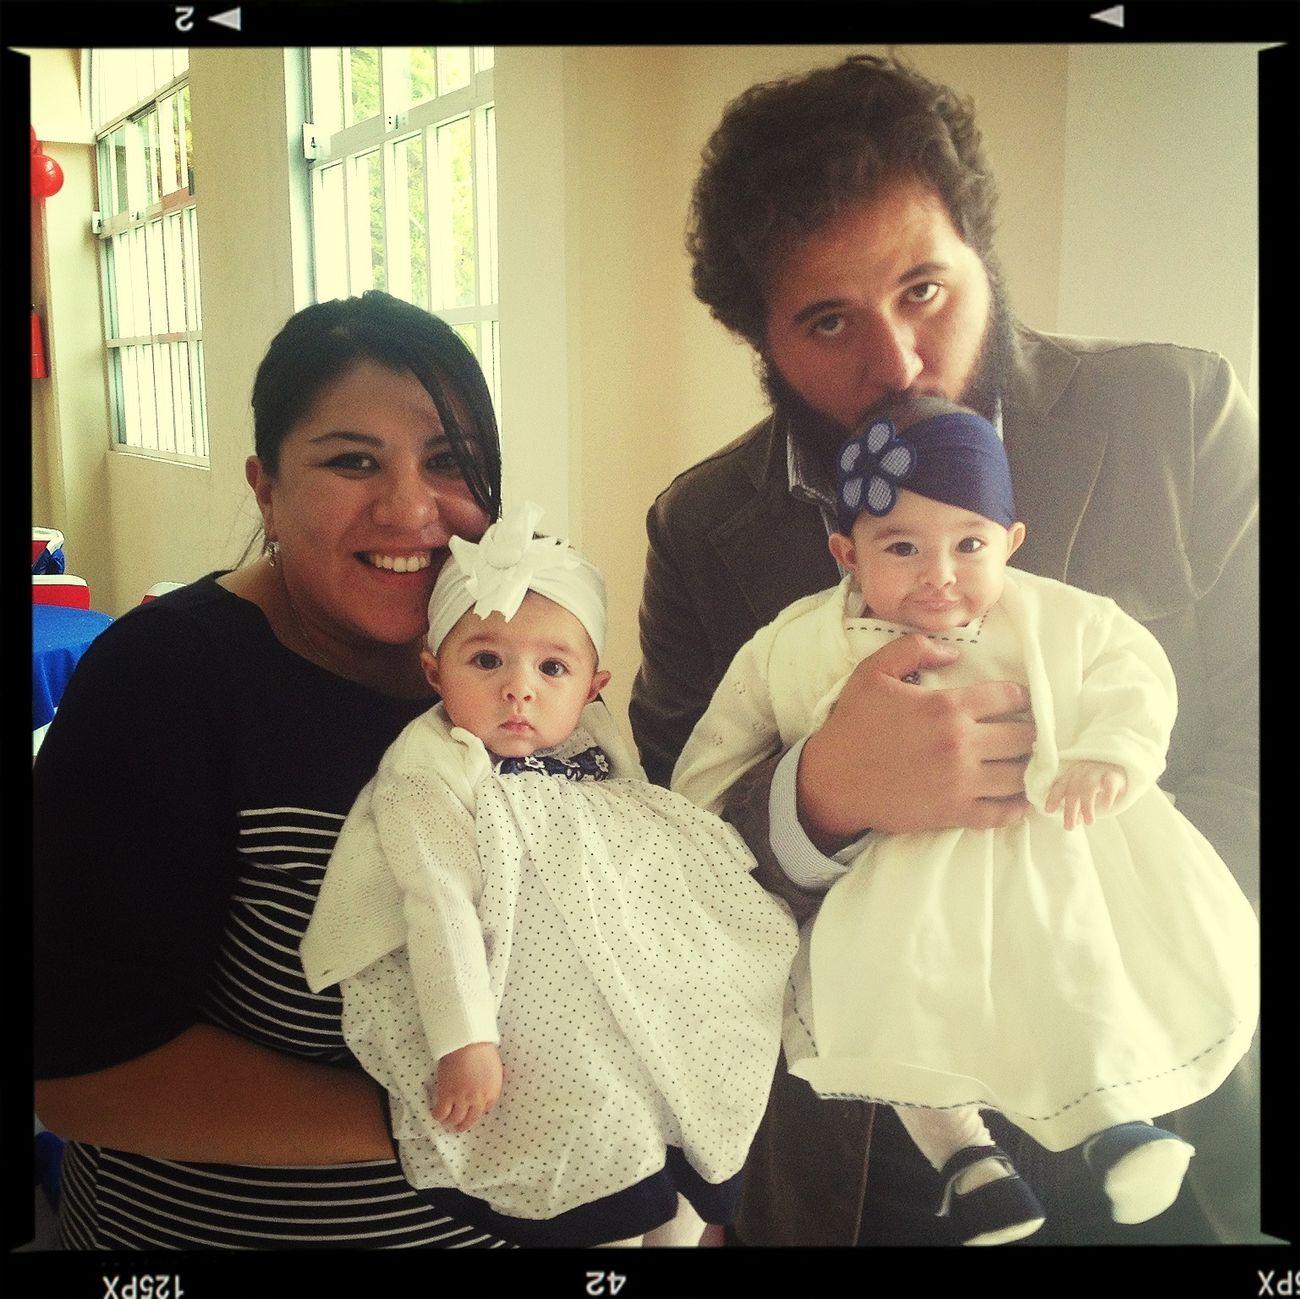 Familia! ❤ Posando